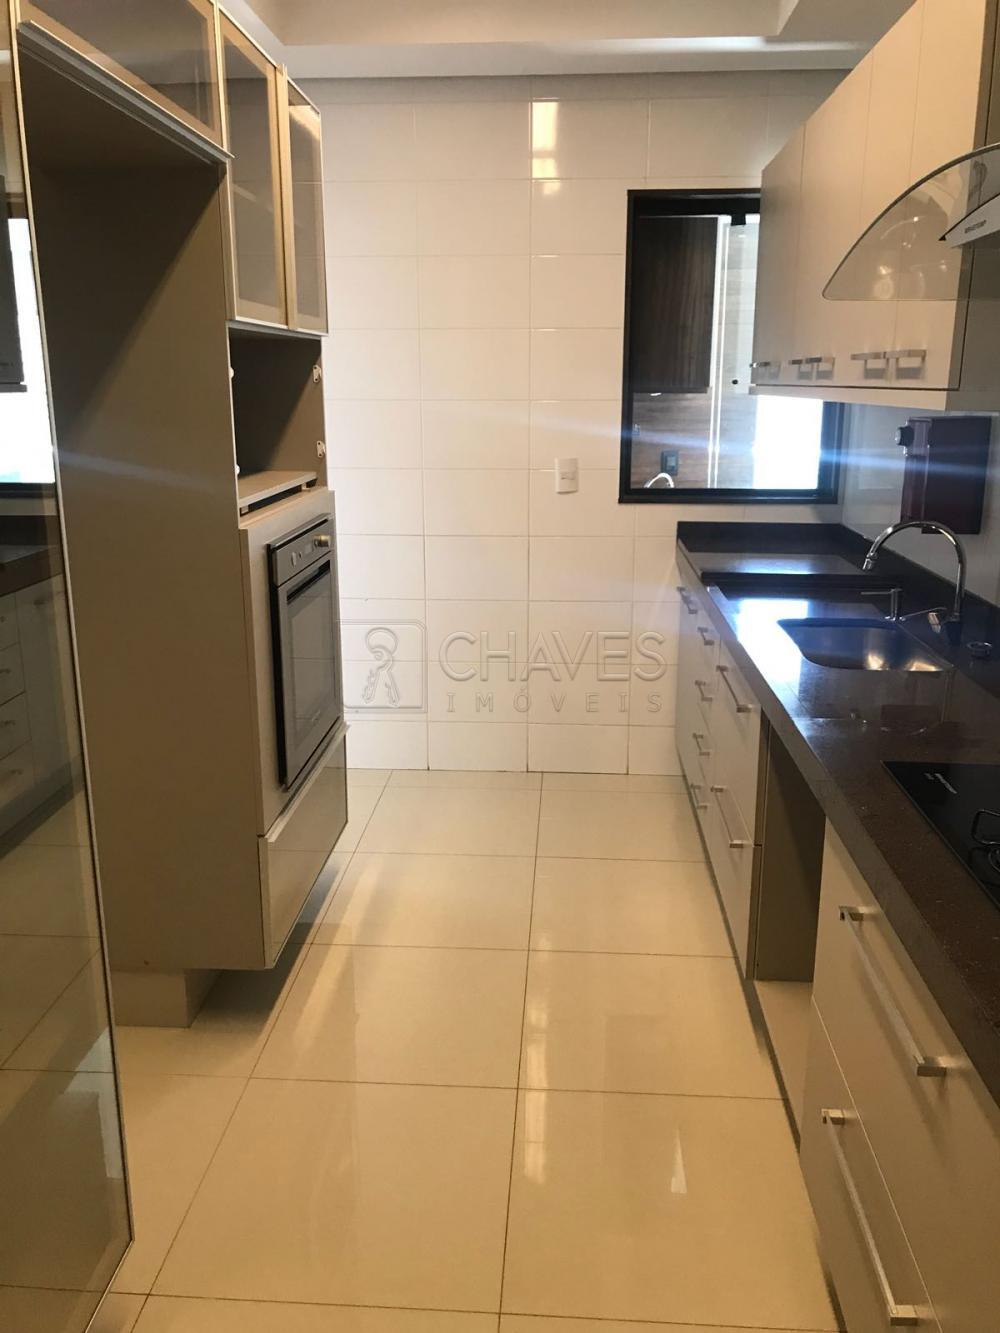 Comprar Apartamento / Padrão em Ribeirão Preto apenas R$ 720.000,00 - Foto 6